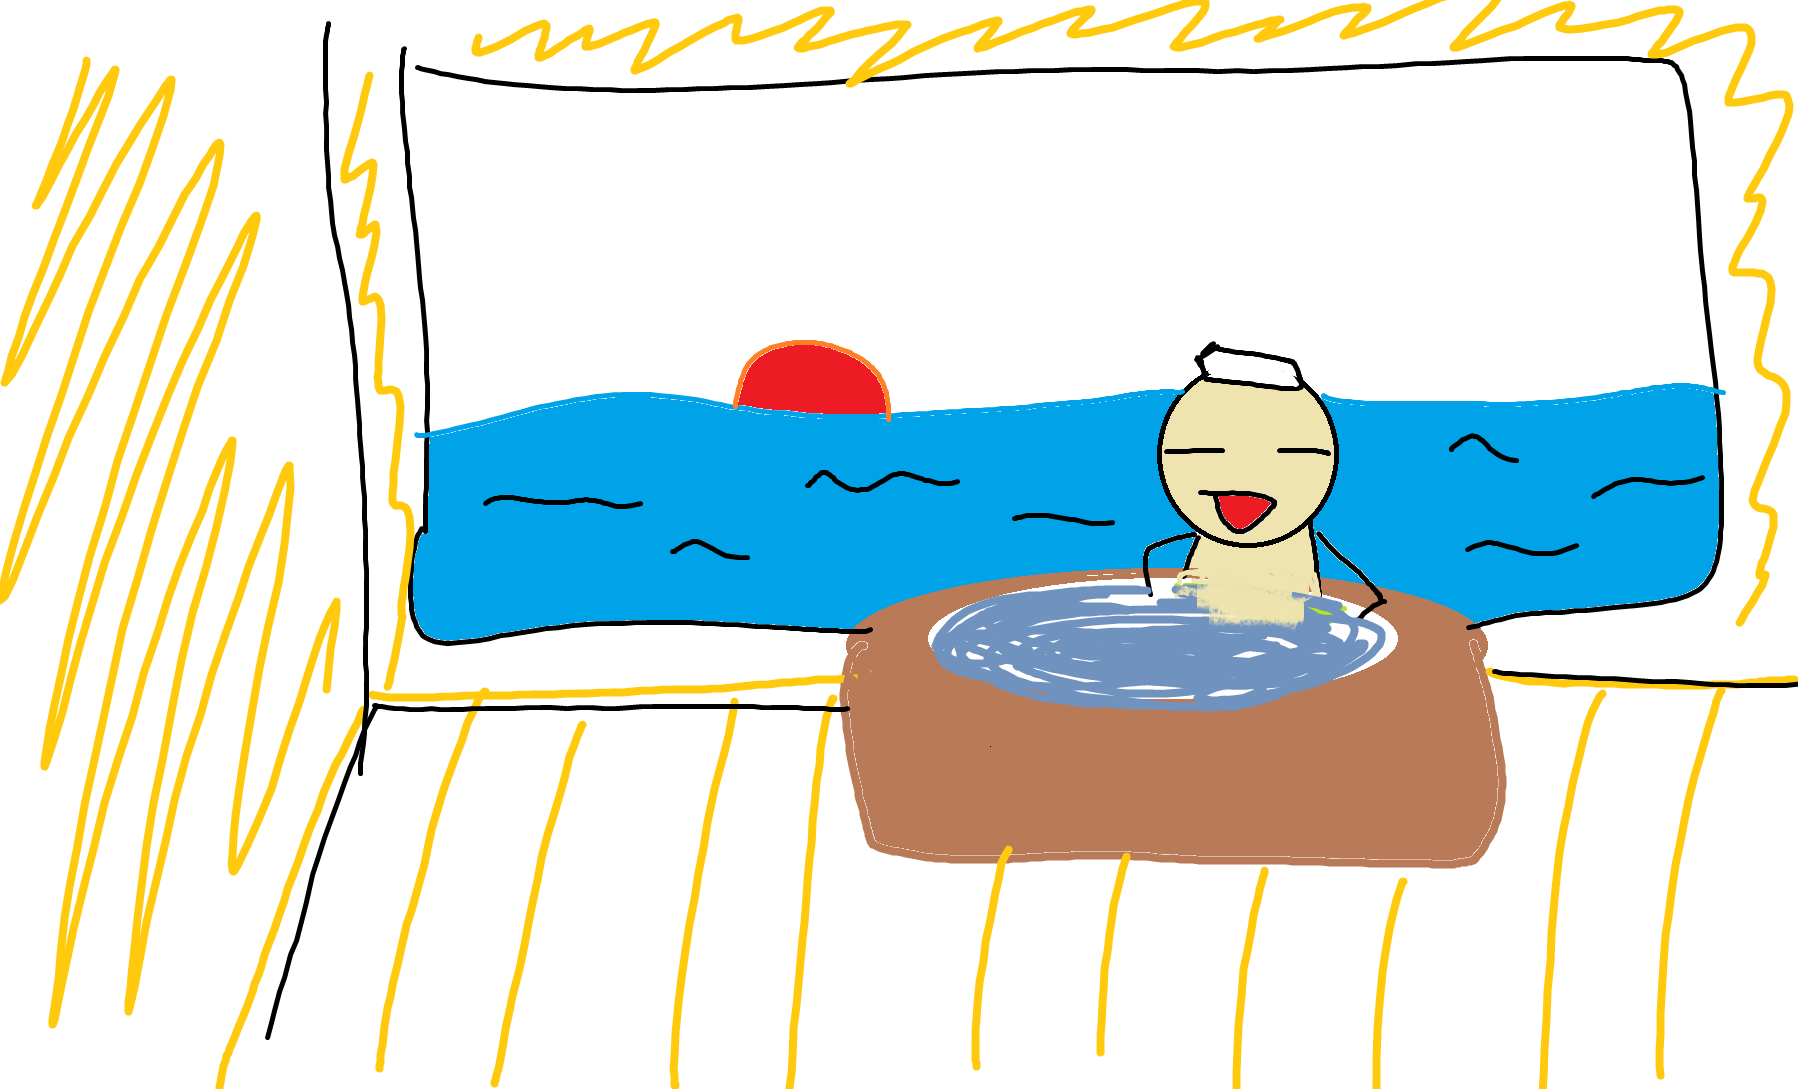 熱海=温泉じゃない?お金がなくても楽しめるスポットを紹介してみる!